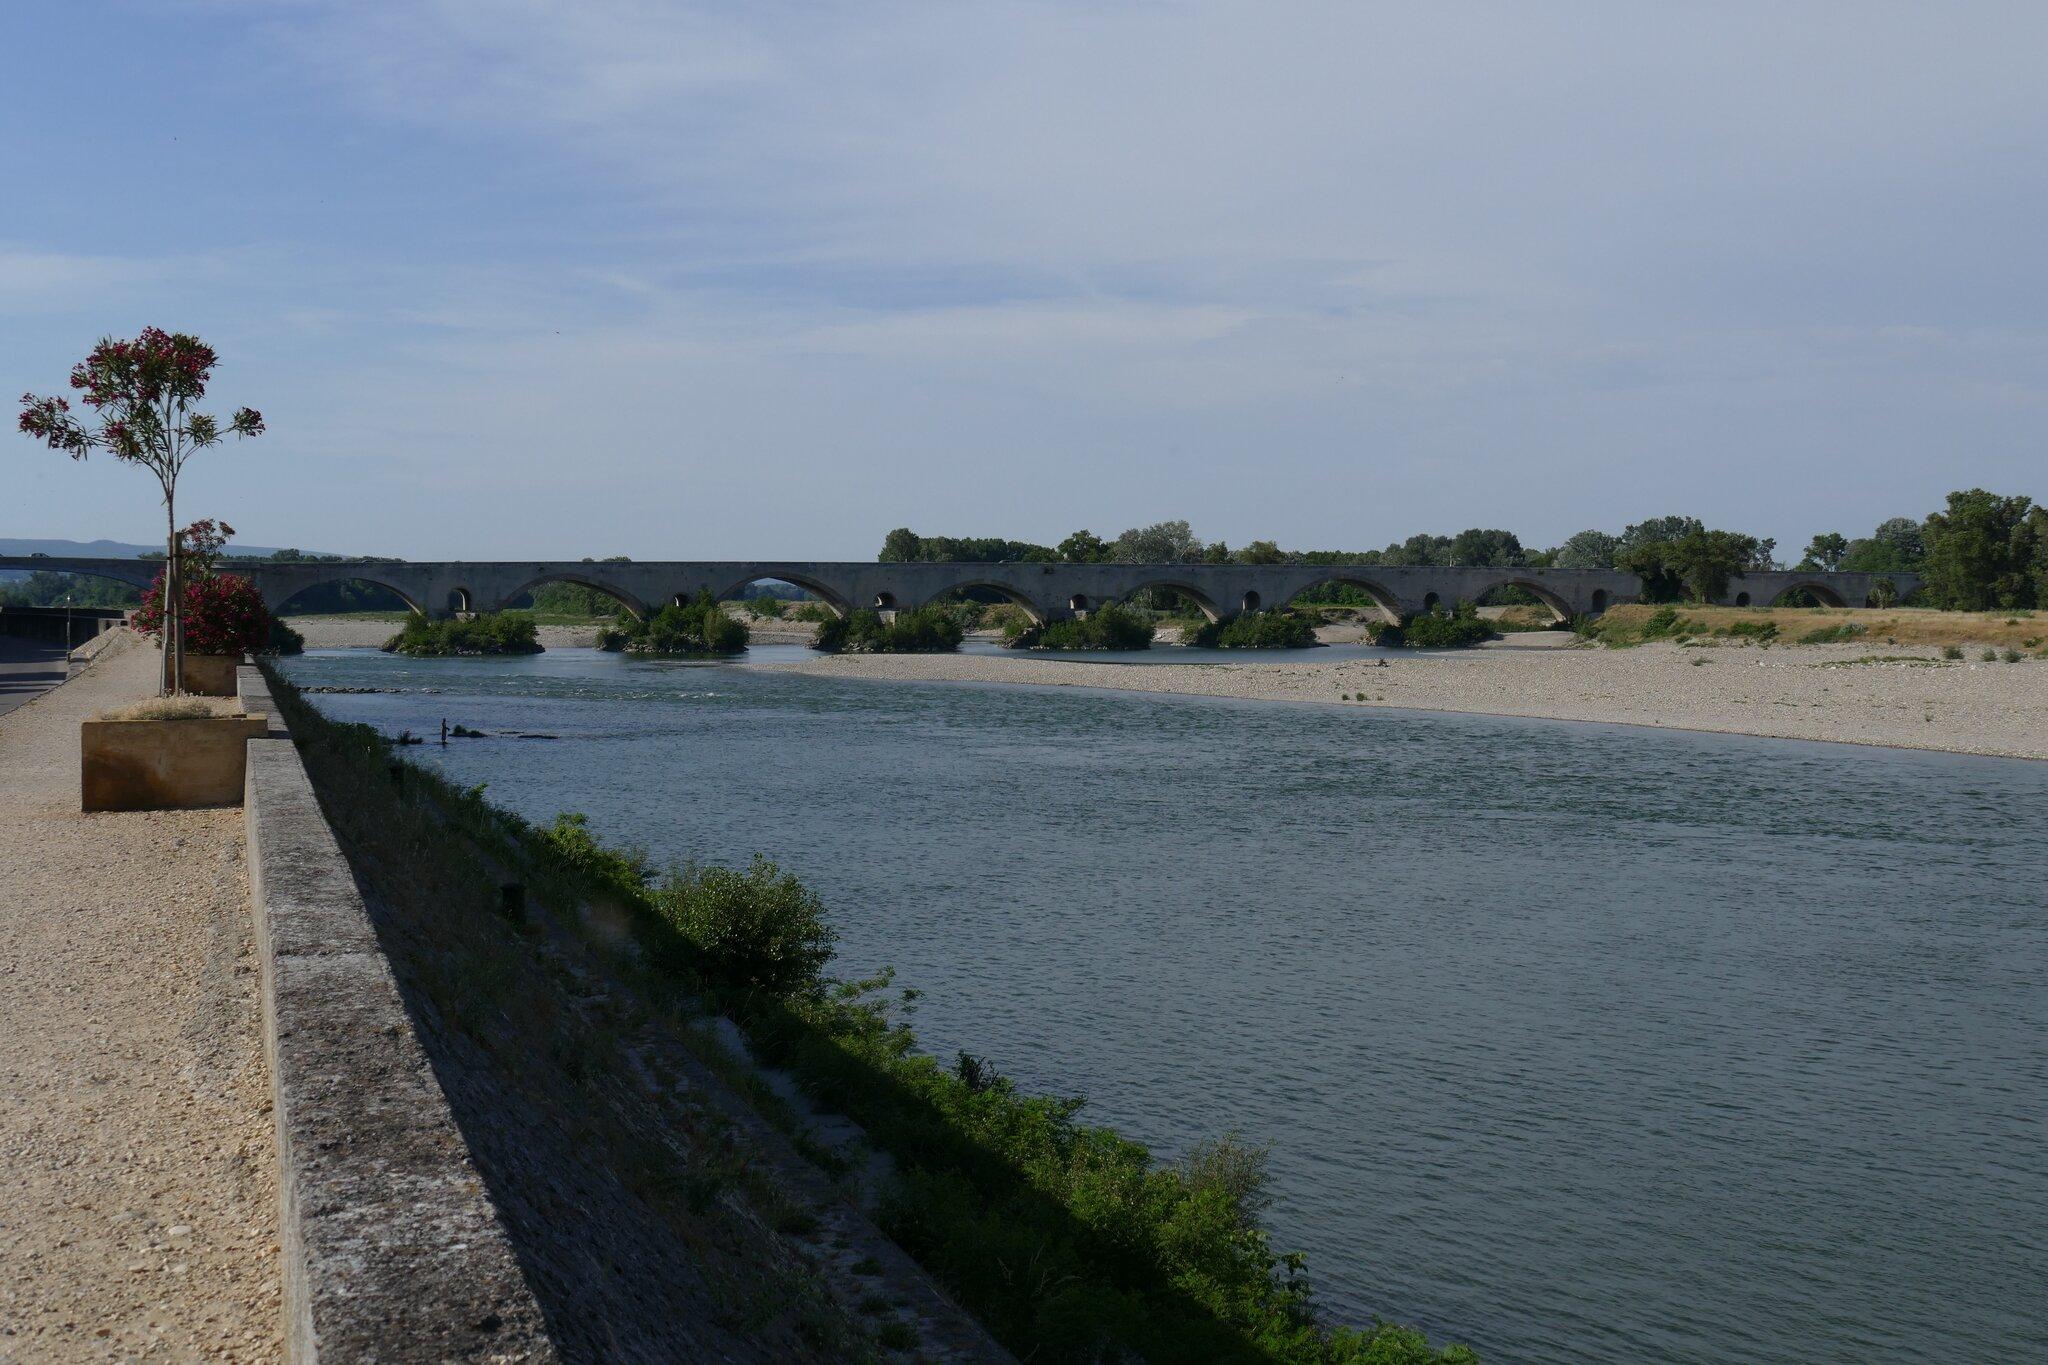 Pont saint esprit la travers e du massif central en randonn e - Office du tourisme pont saint esprit ...